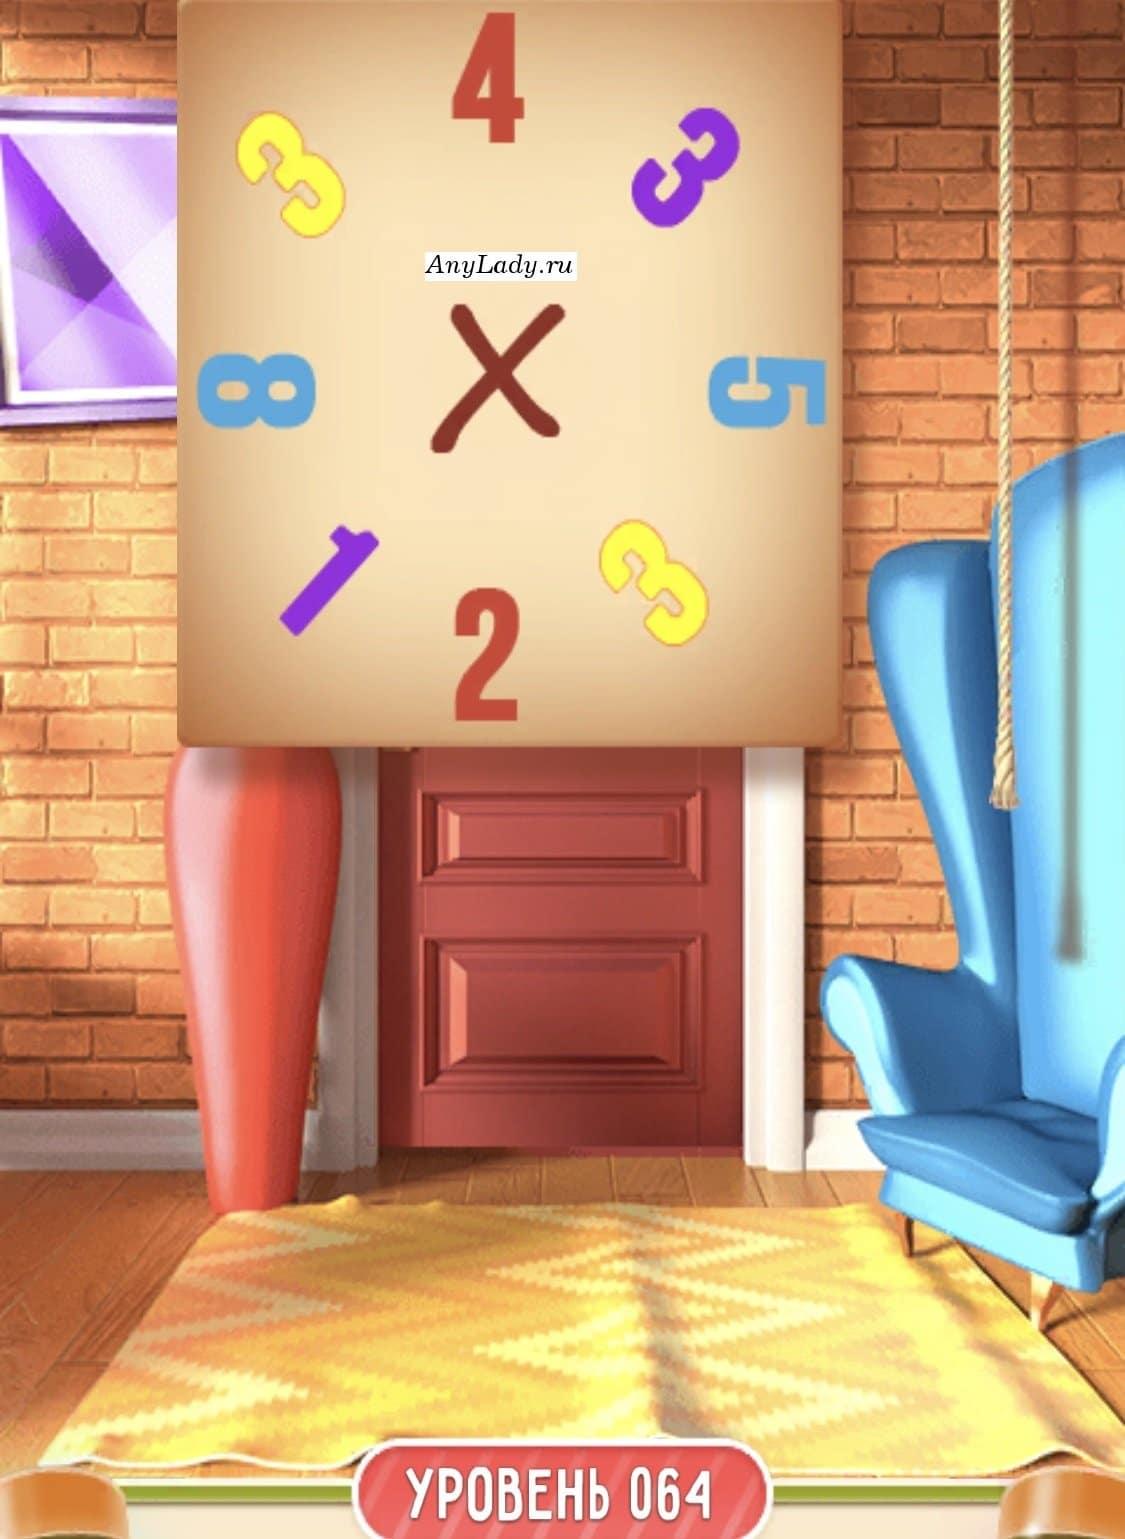 Над синим креслом висит шнурок, потяните его вниз и Вы увидите плакат с разноцветными цифрами. Цифры одинаковые по цвету необходимо умножить между собой, это и будет разгадкой шифра к замку.